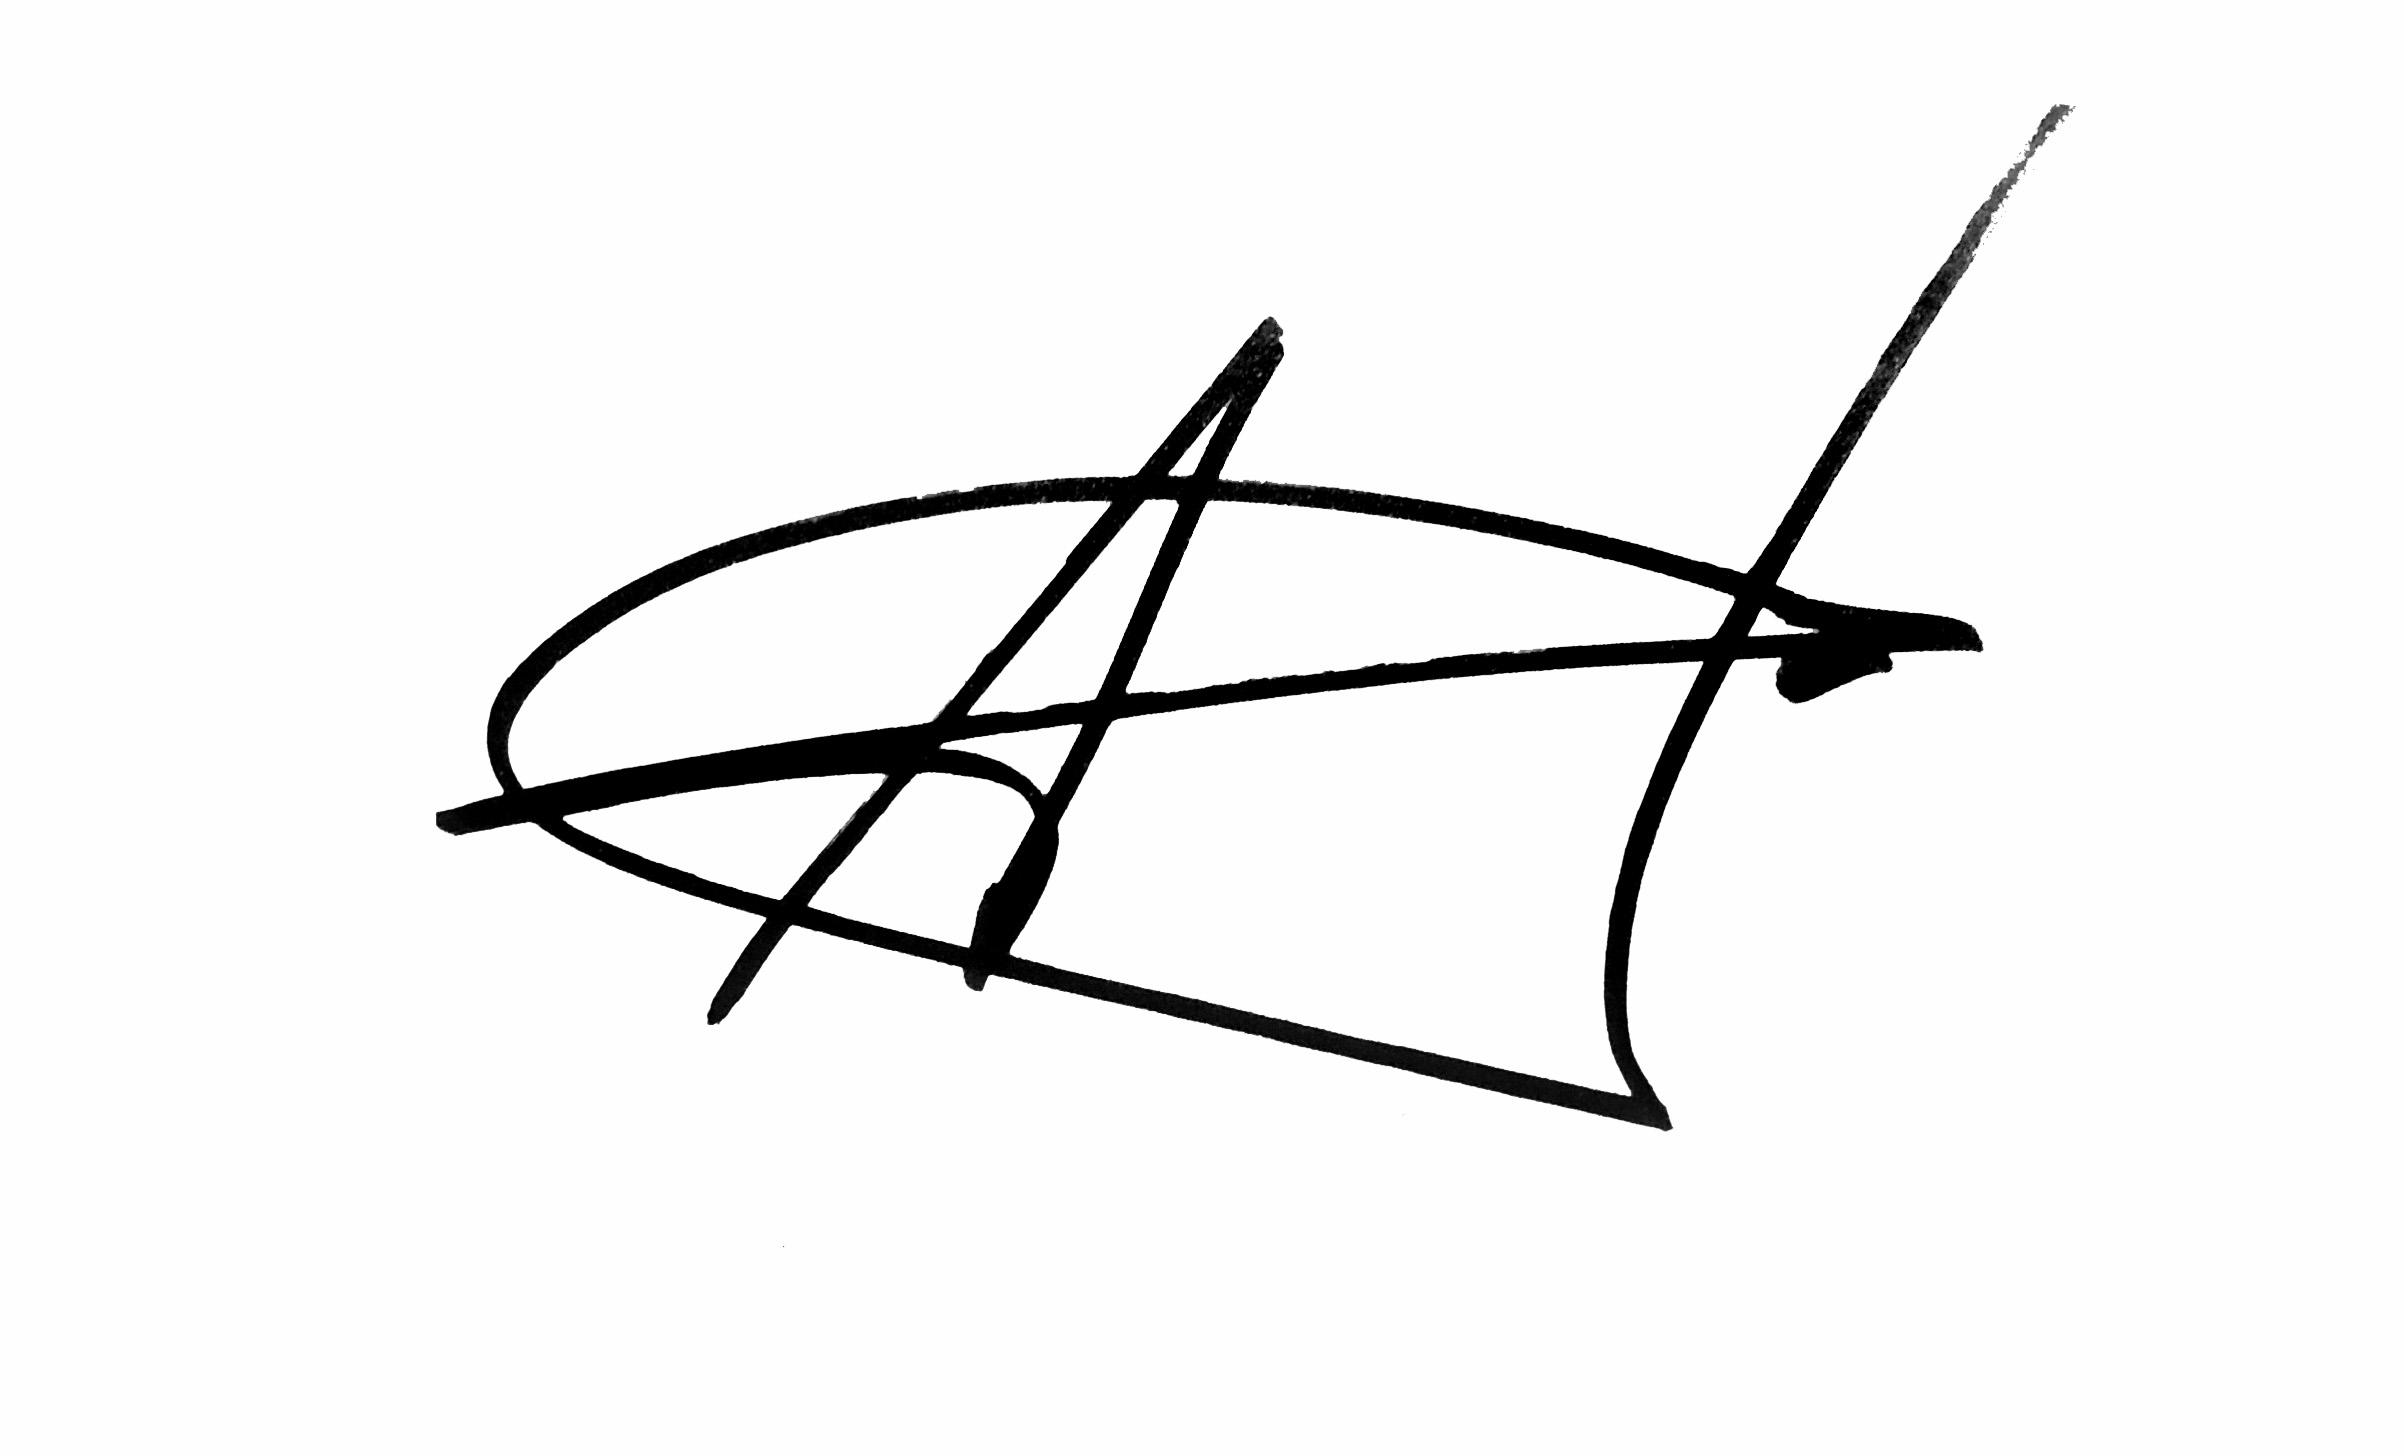 Aljona Shapovalova's Signature